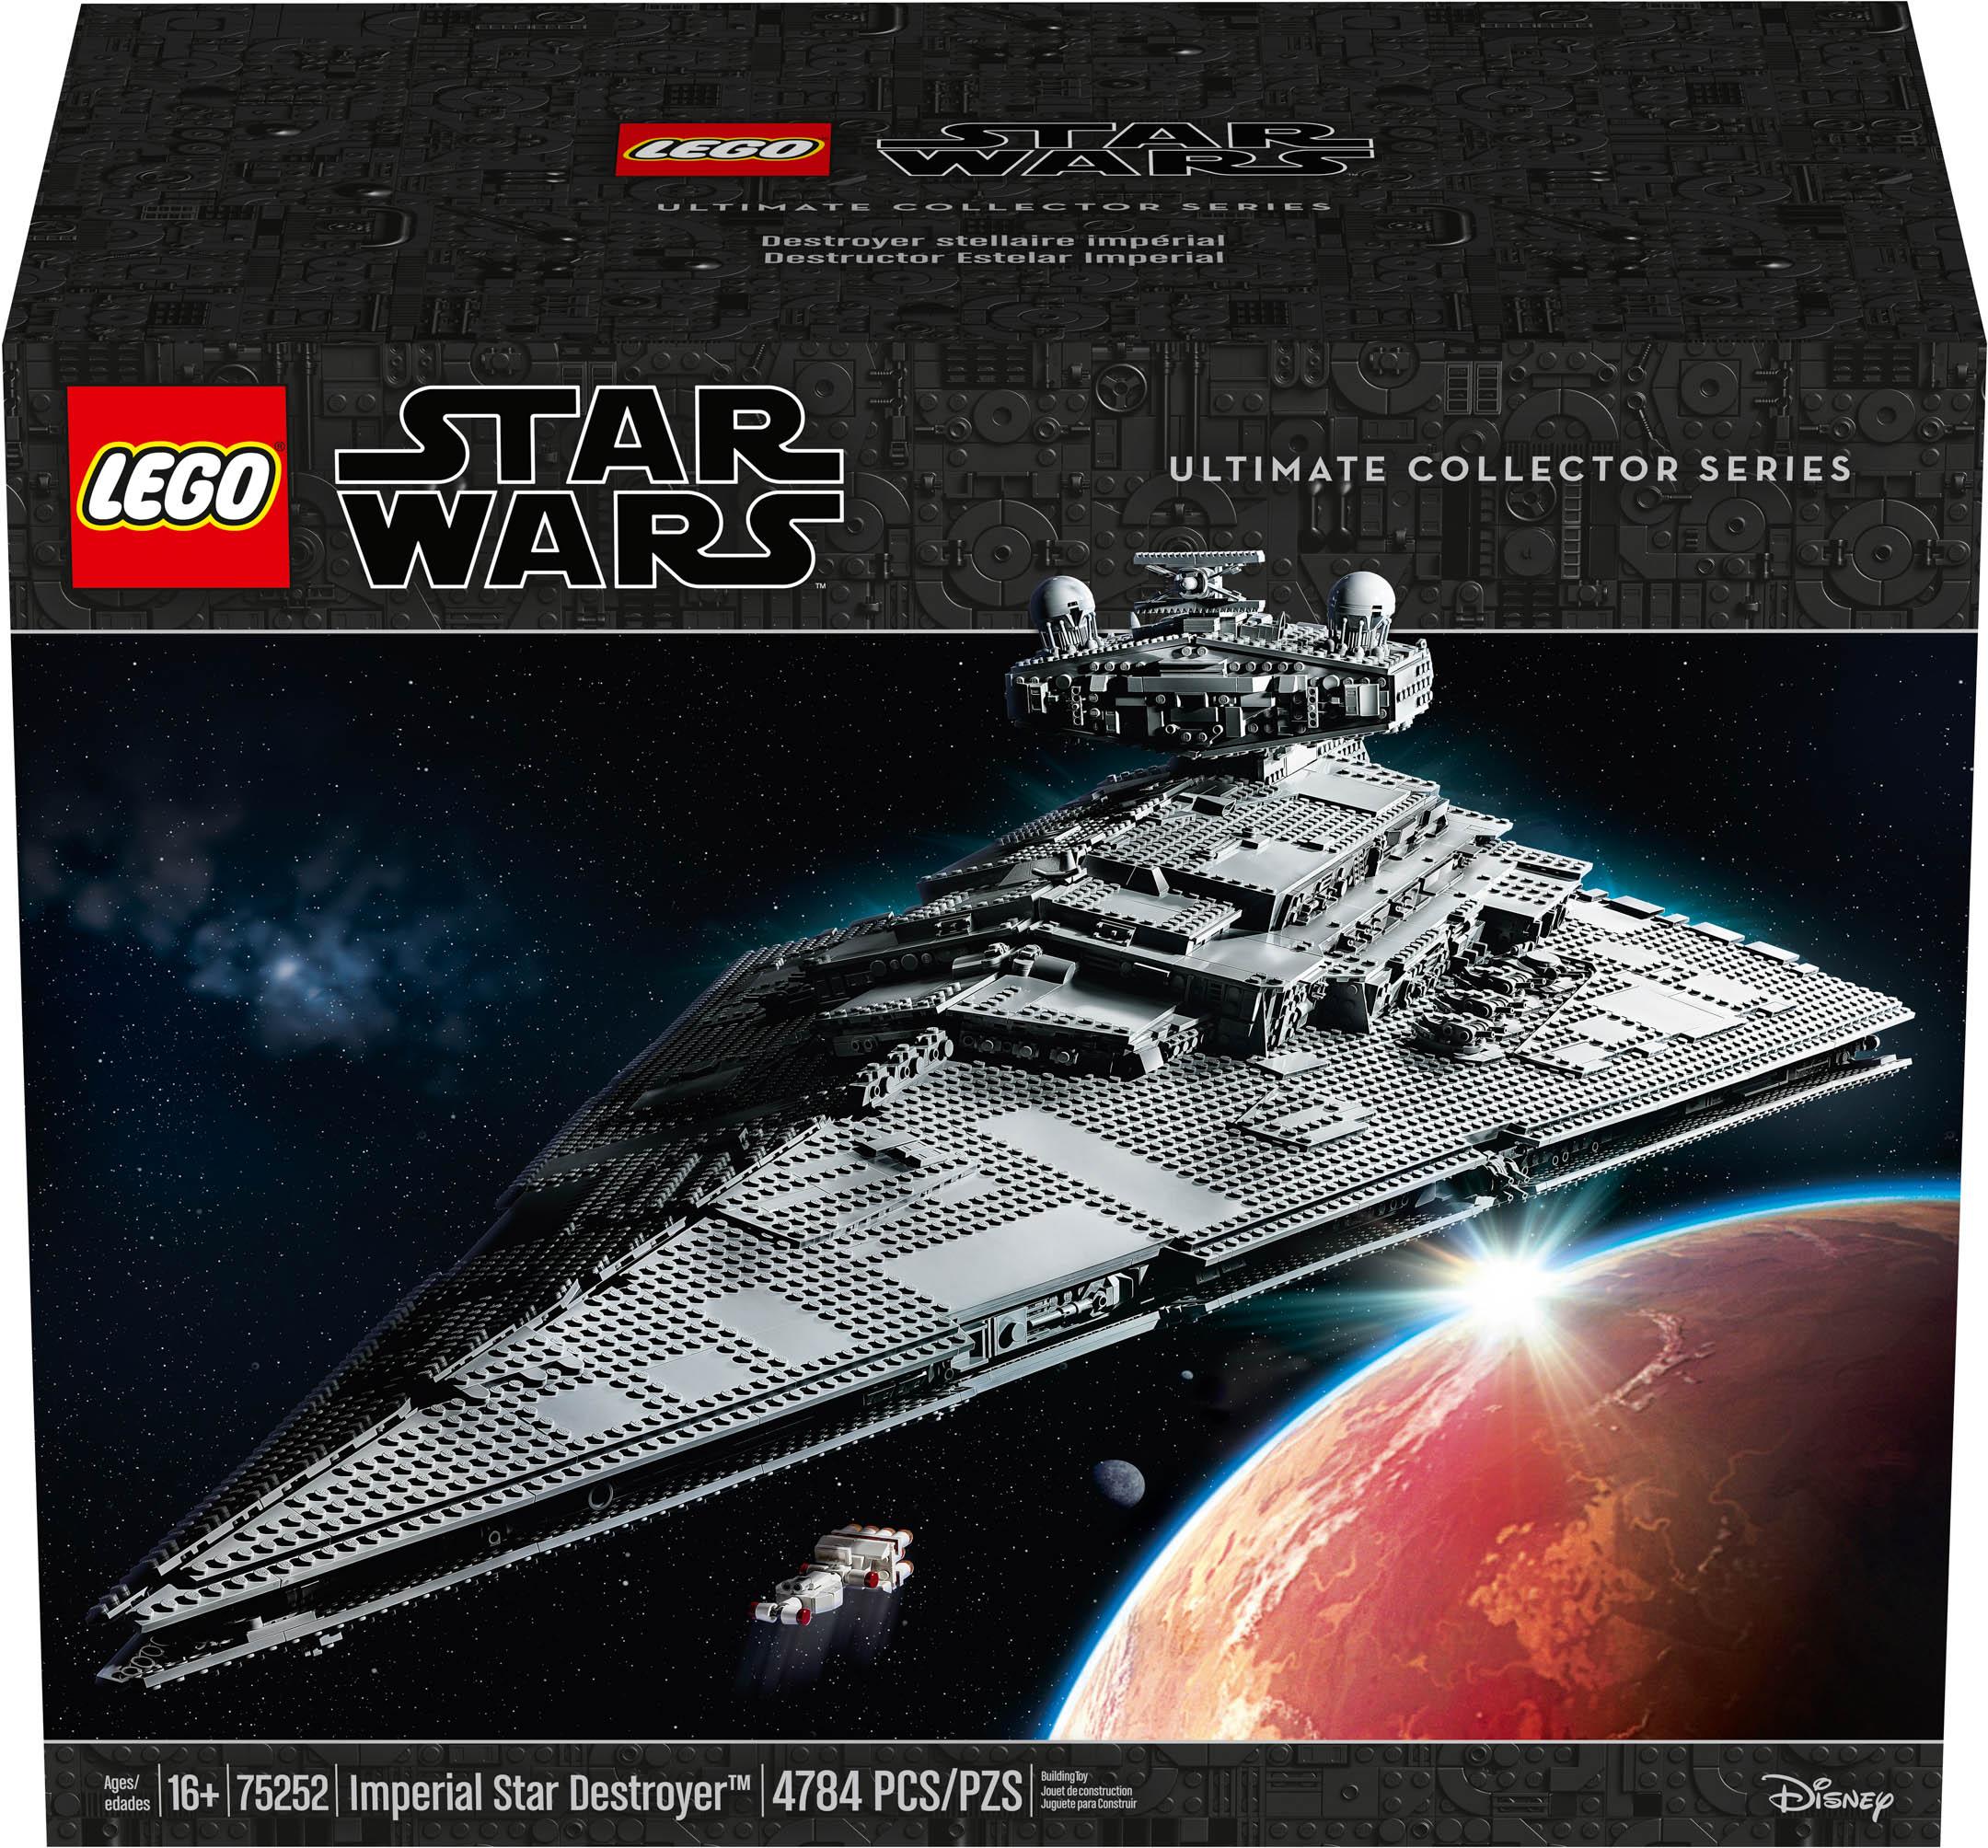 LEGO Star Wars UCS 75252 Imperial Star Destroyer